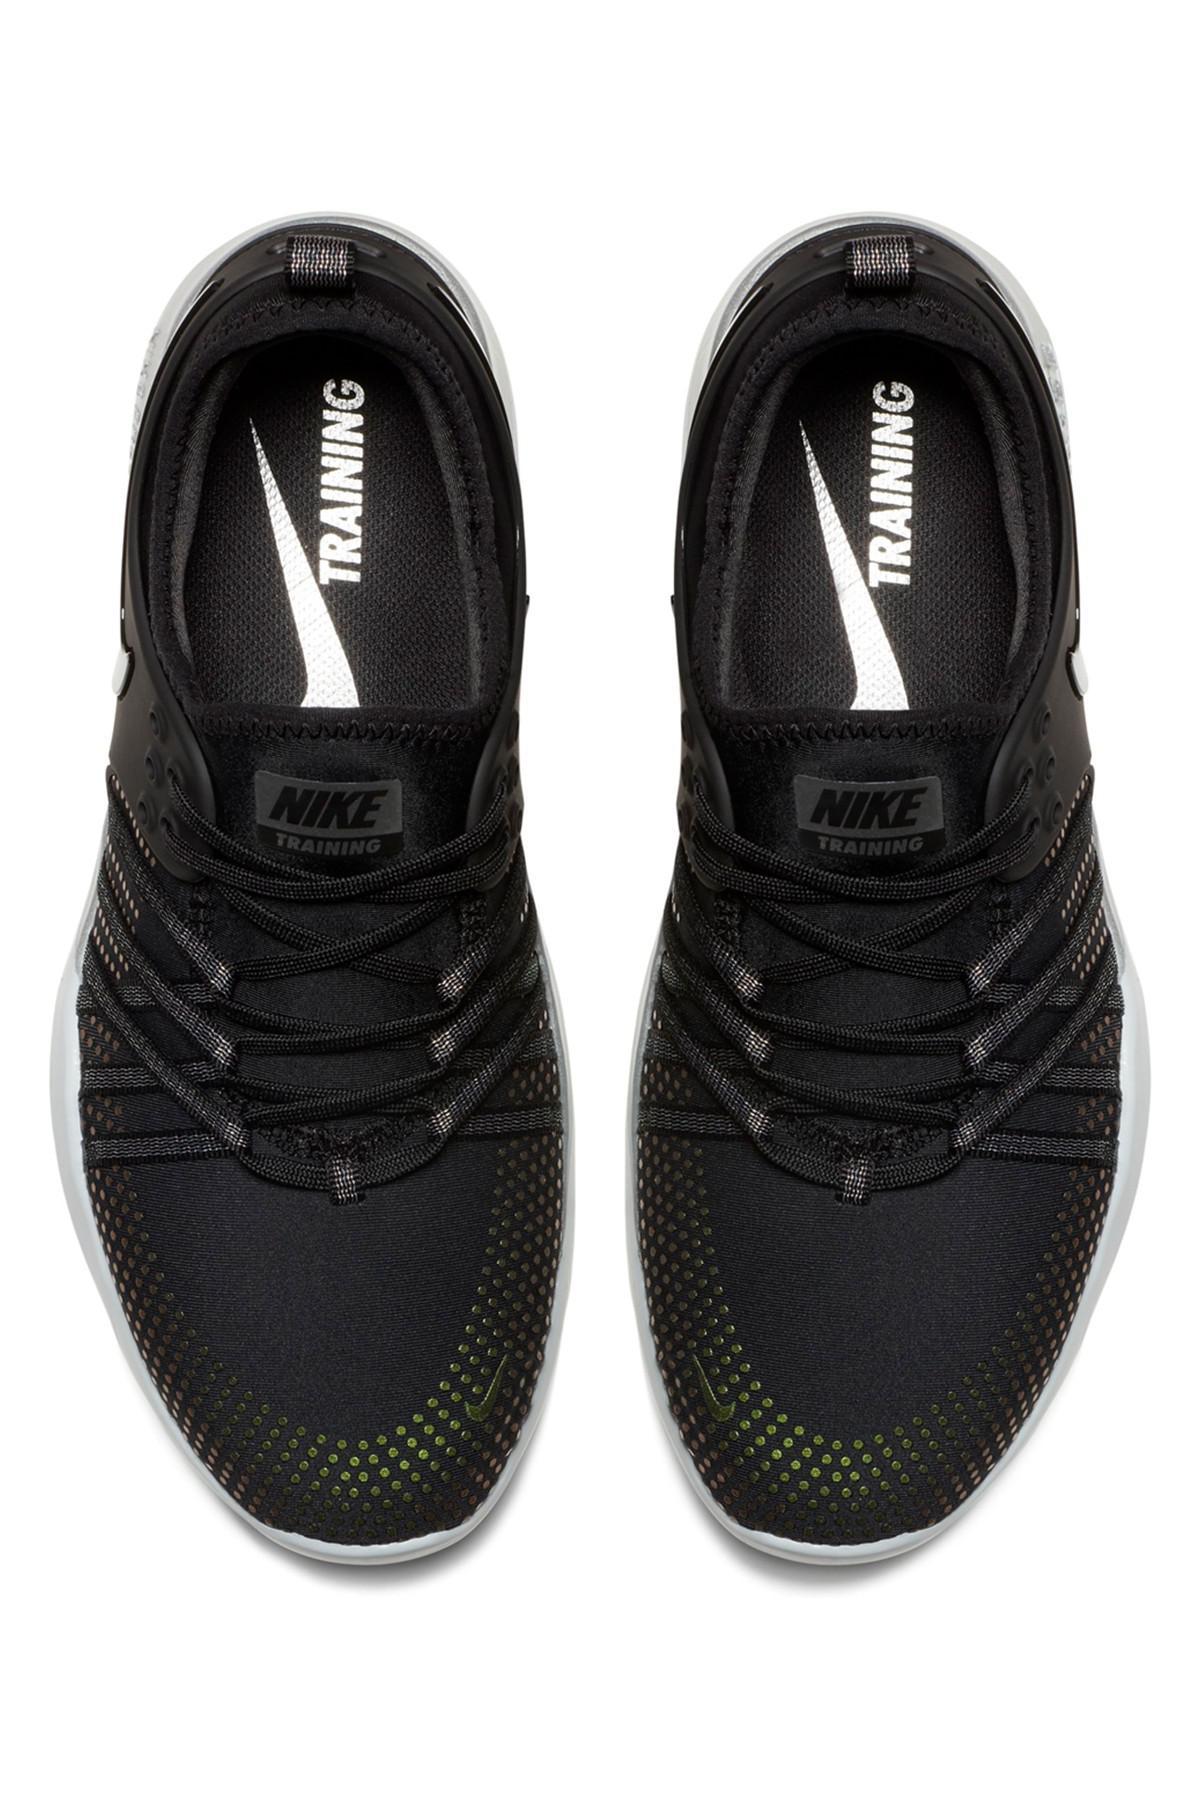 Tr 7 Mtlc Gymnastics Shoes